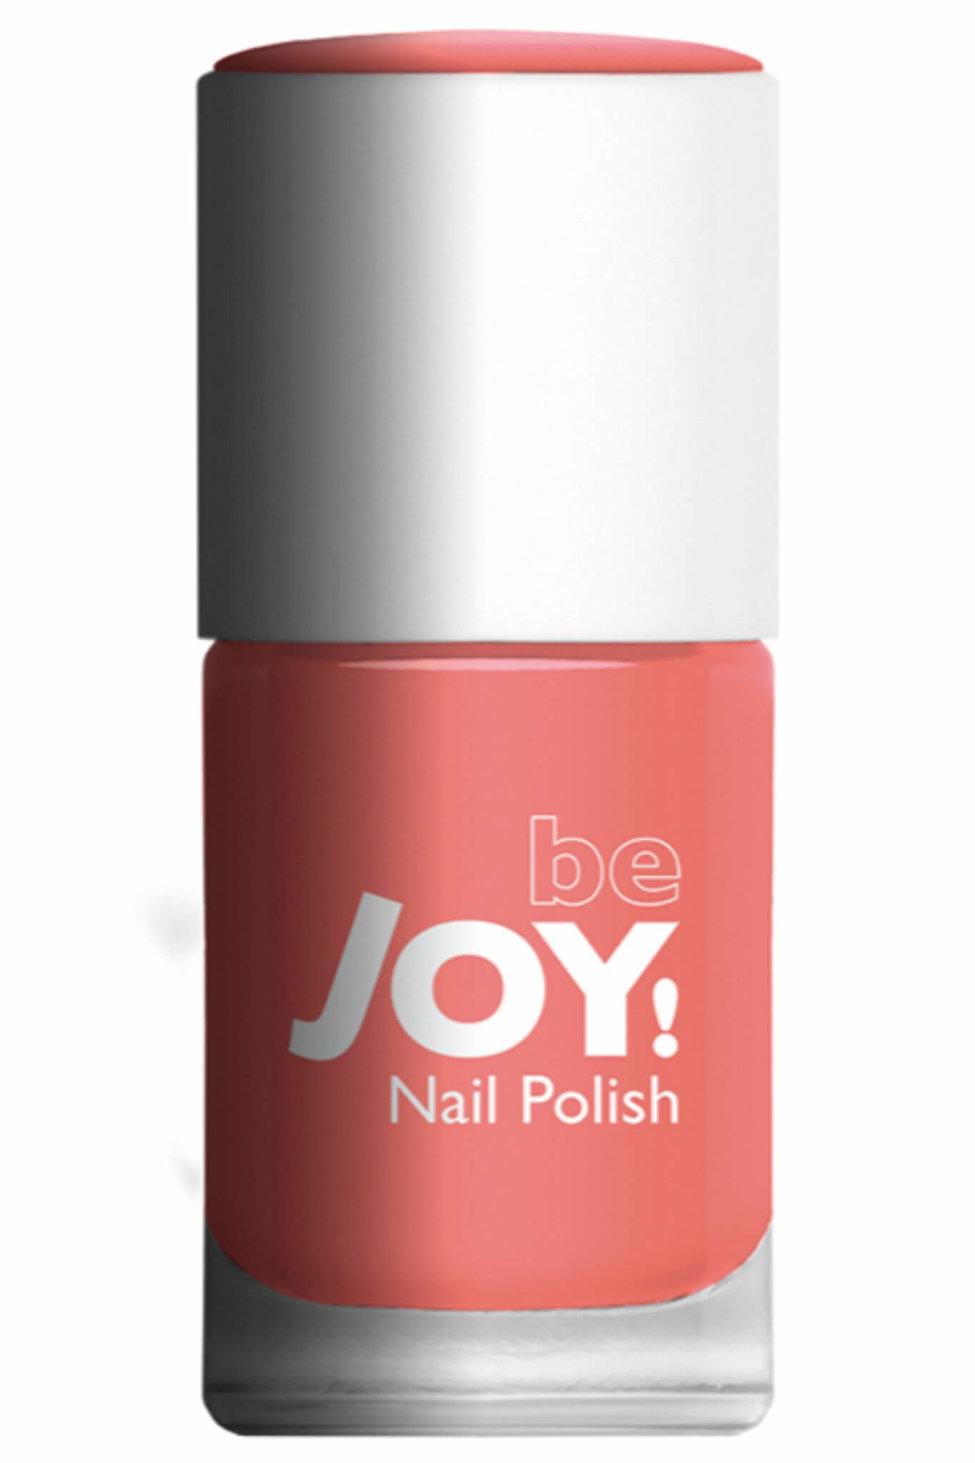 Be joy nail polish σομόν